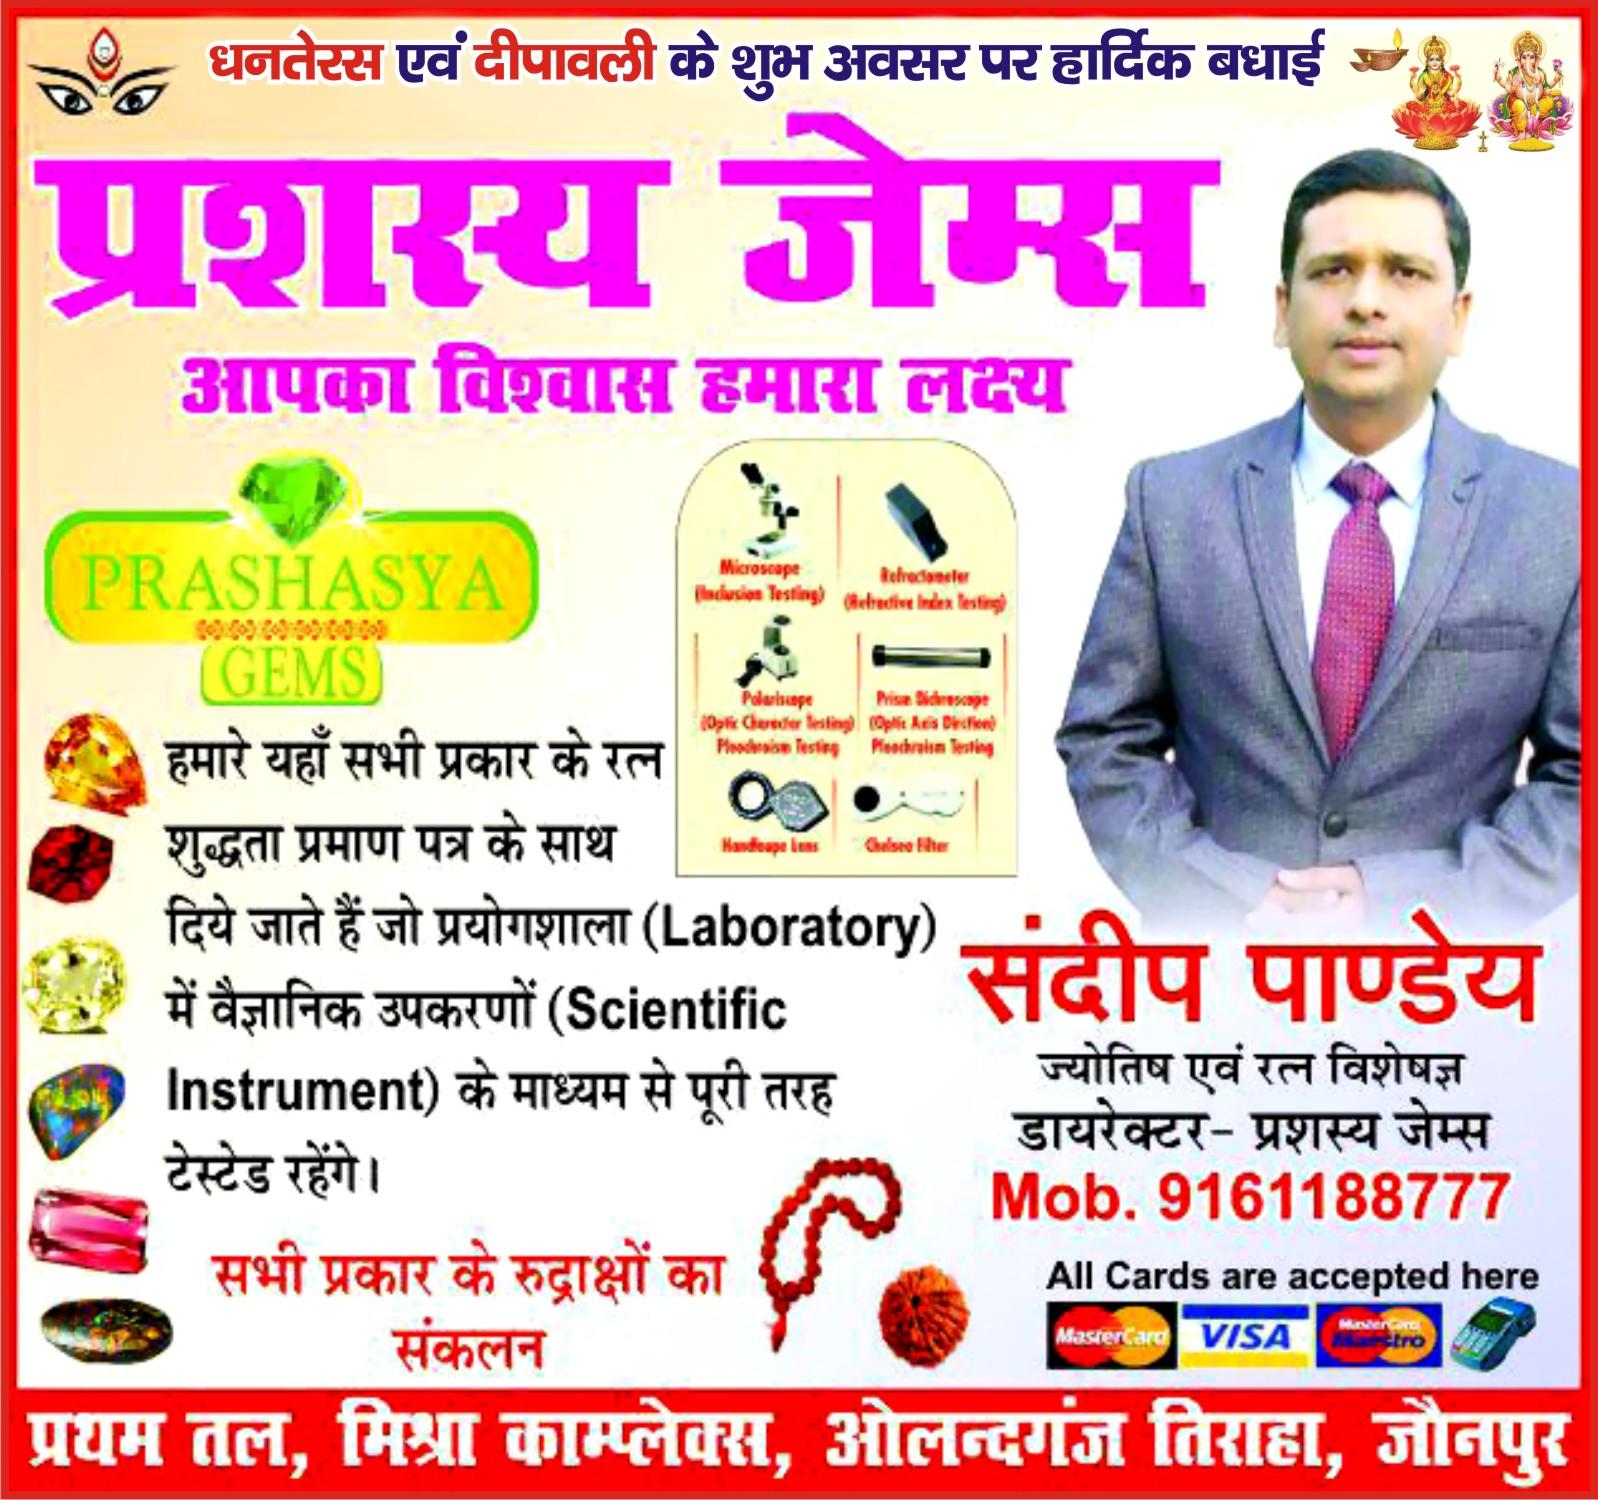 prashasy